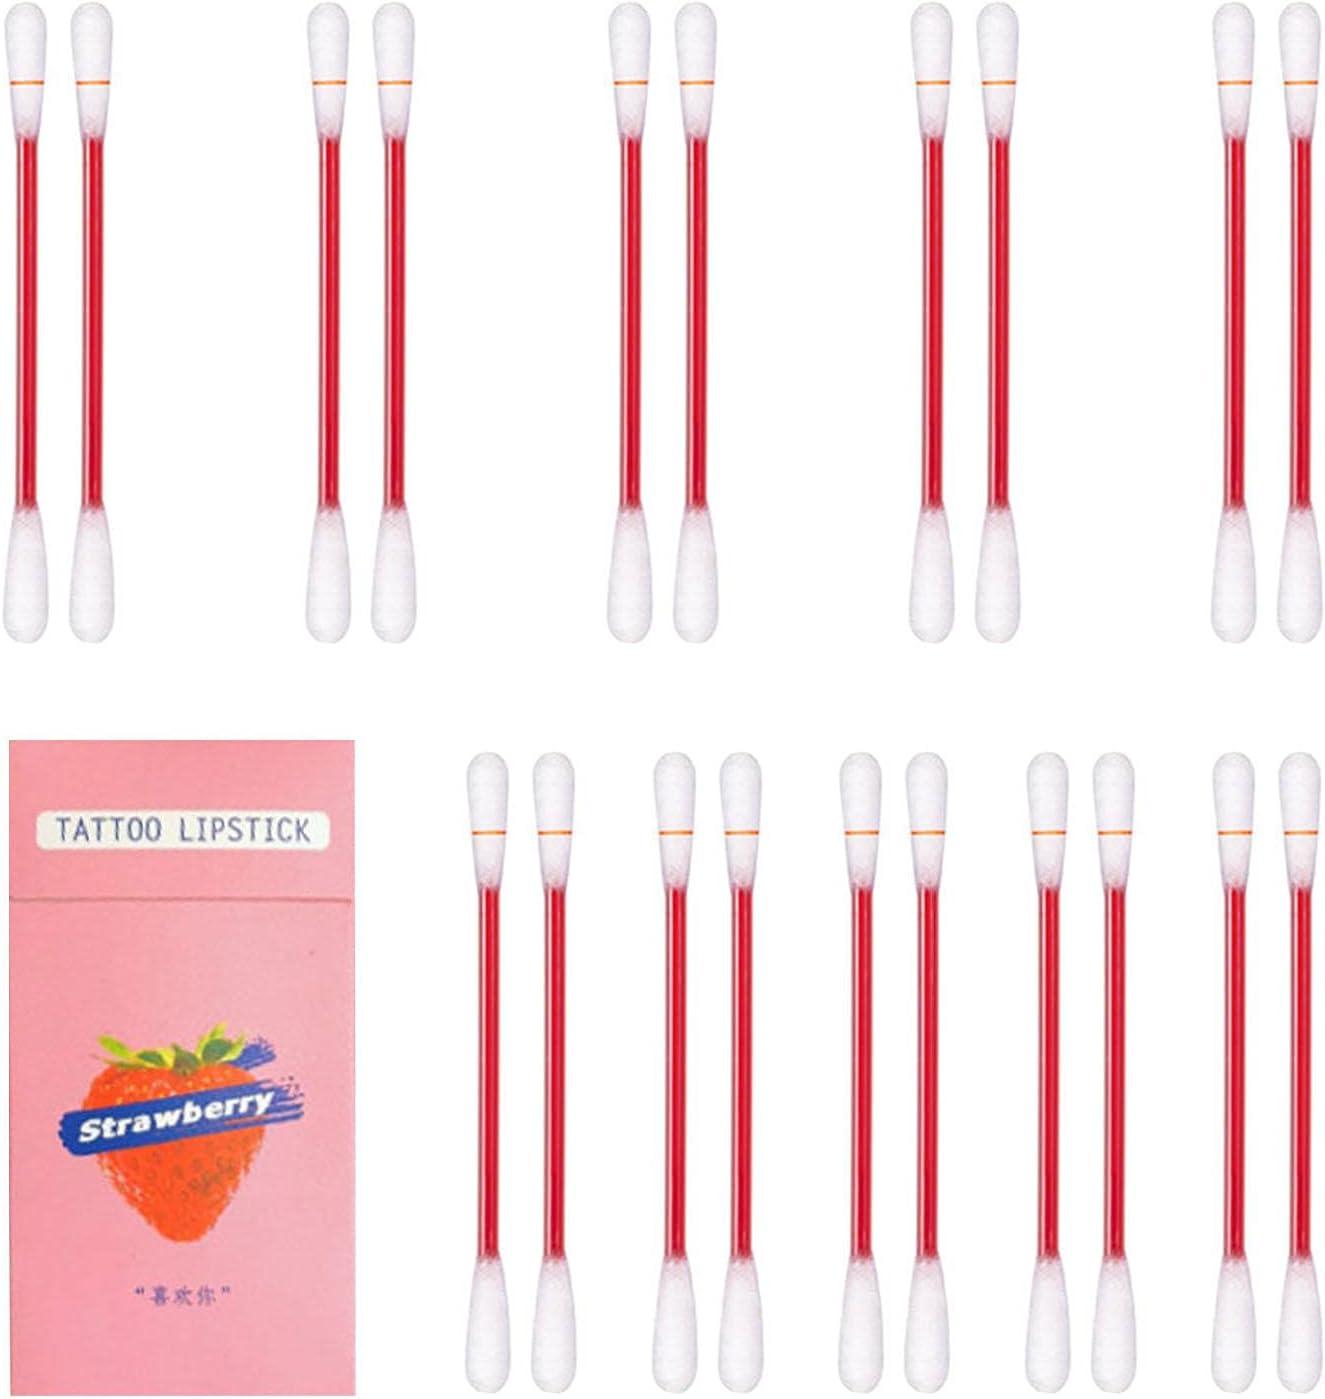 bestshop Lipstick Cotton Swab Max 77% OFF Tattoo 20PCS Non-Stick - online shop